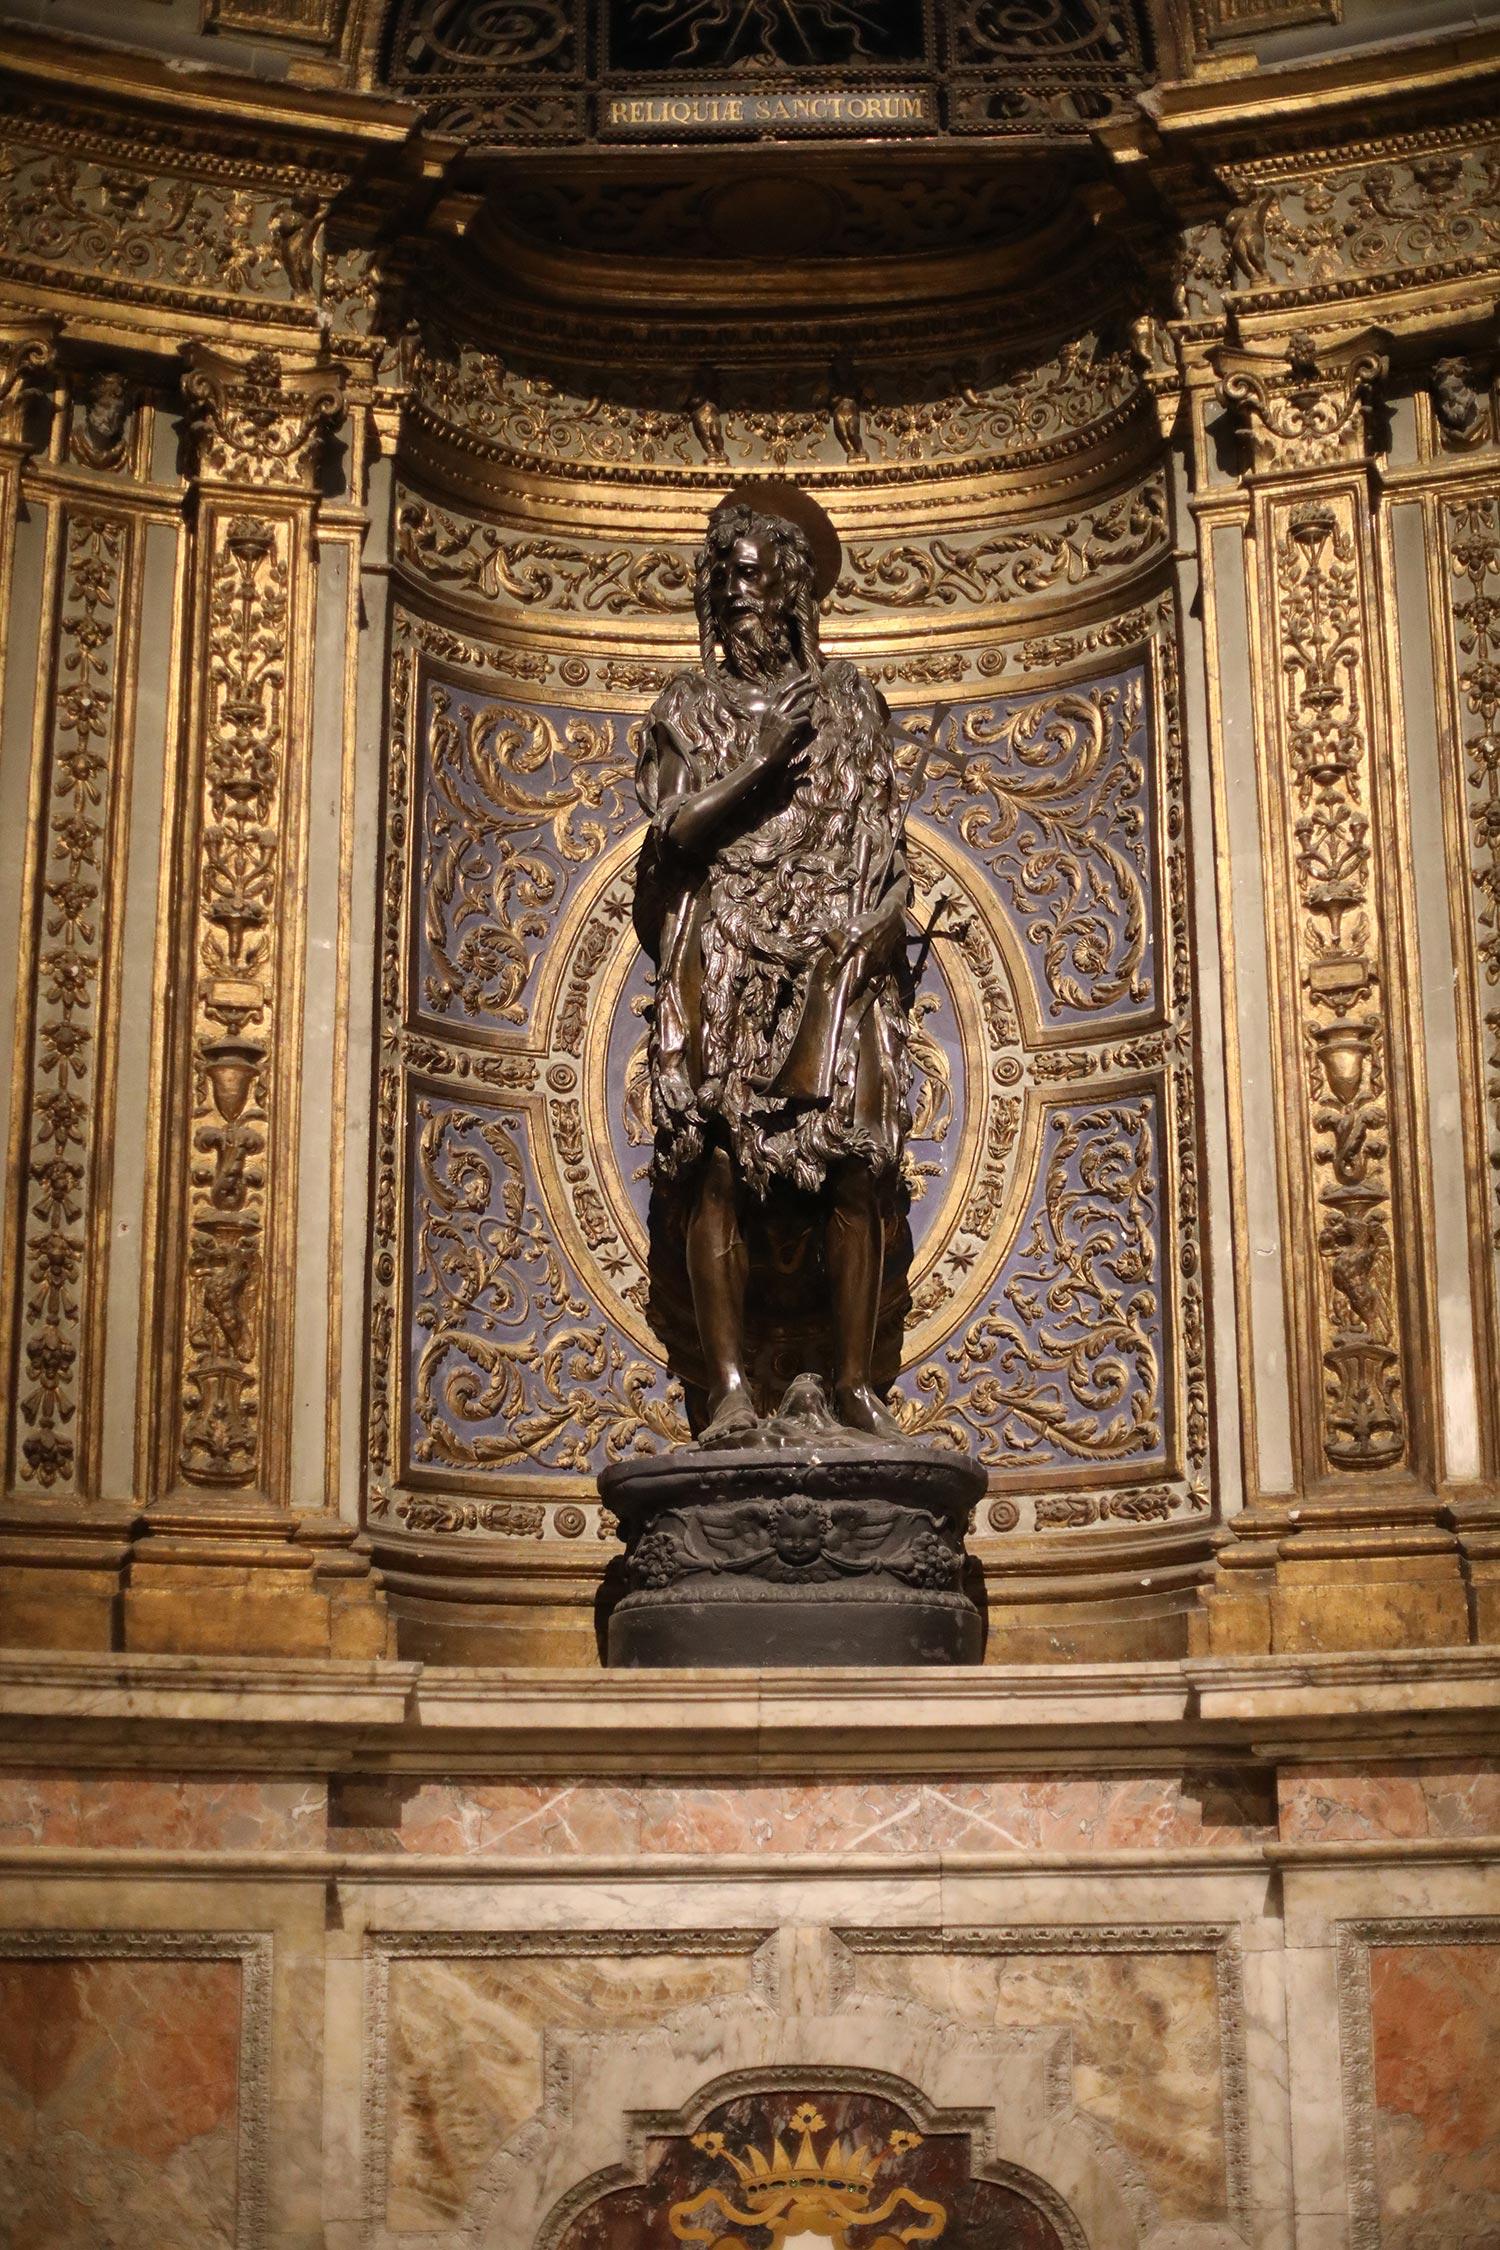 Pilgrimage_Rome_4162_Siena.jpg